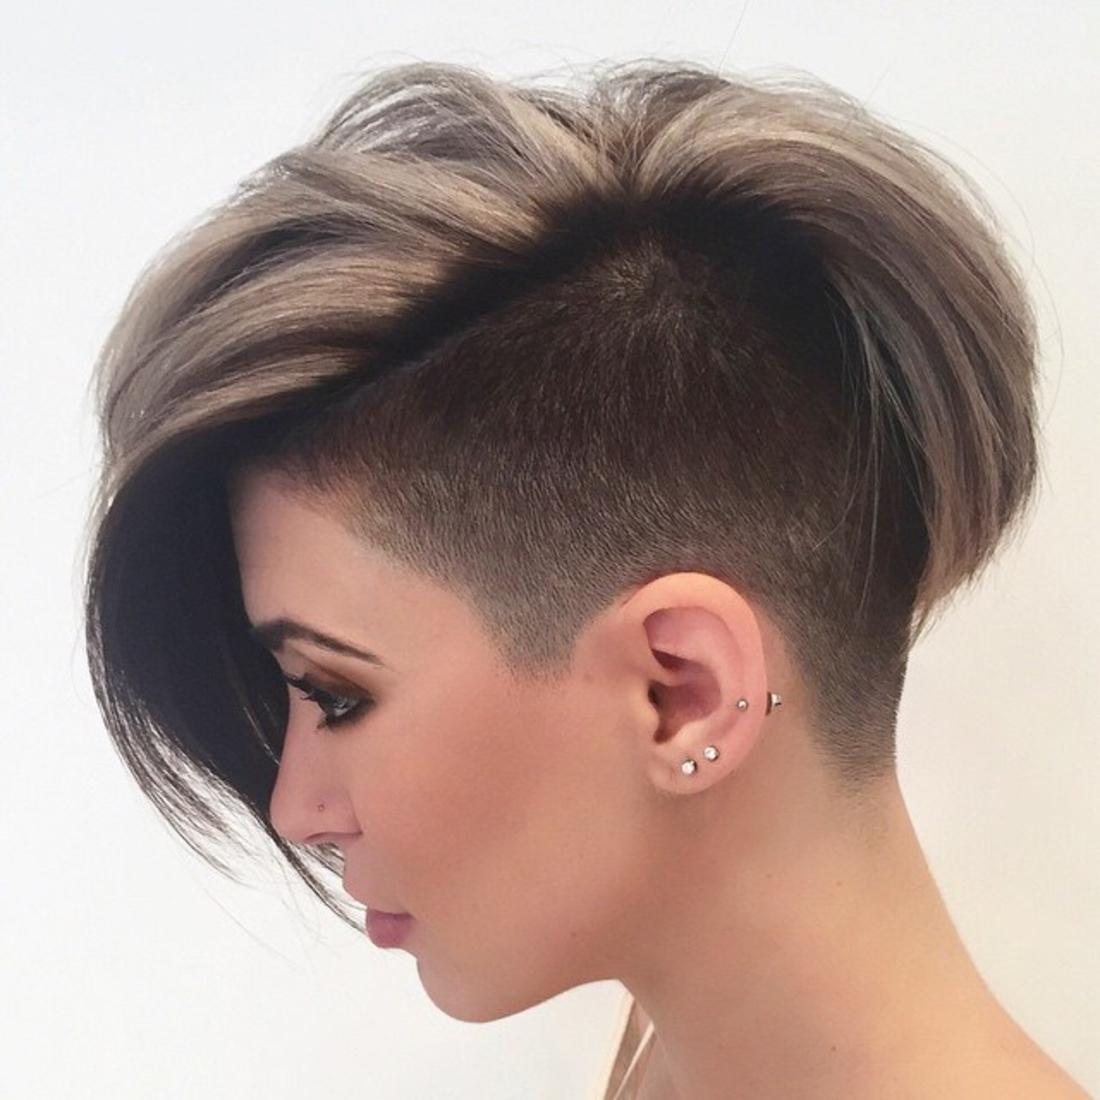 Undercut Frisuren braunes und blondes Haar, kleine Ohrringe, dunkle Schminke